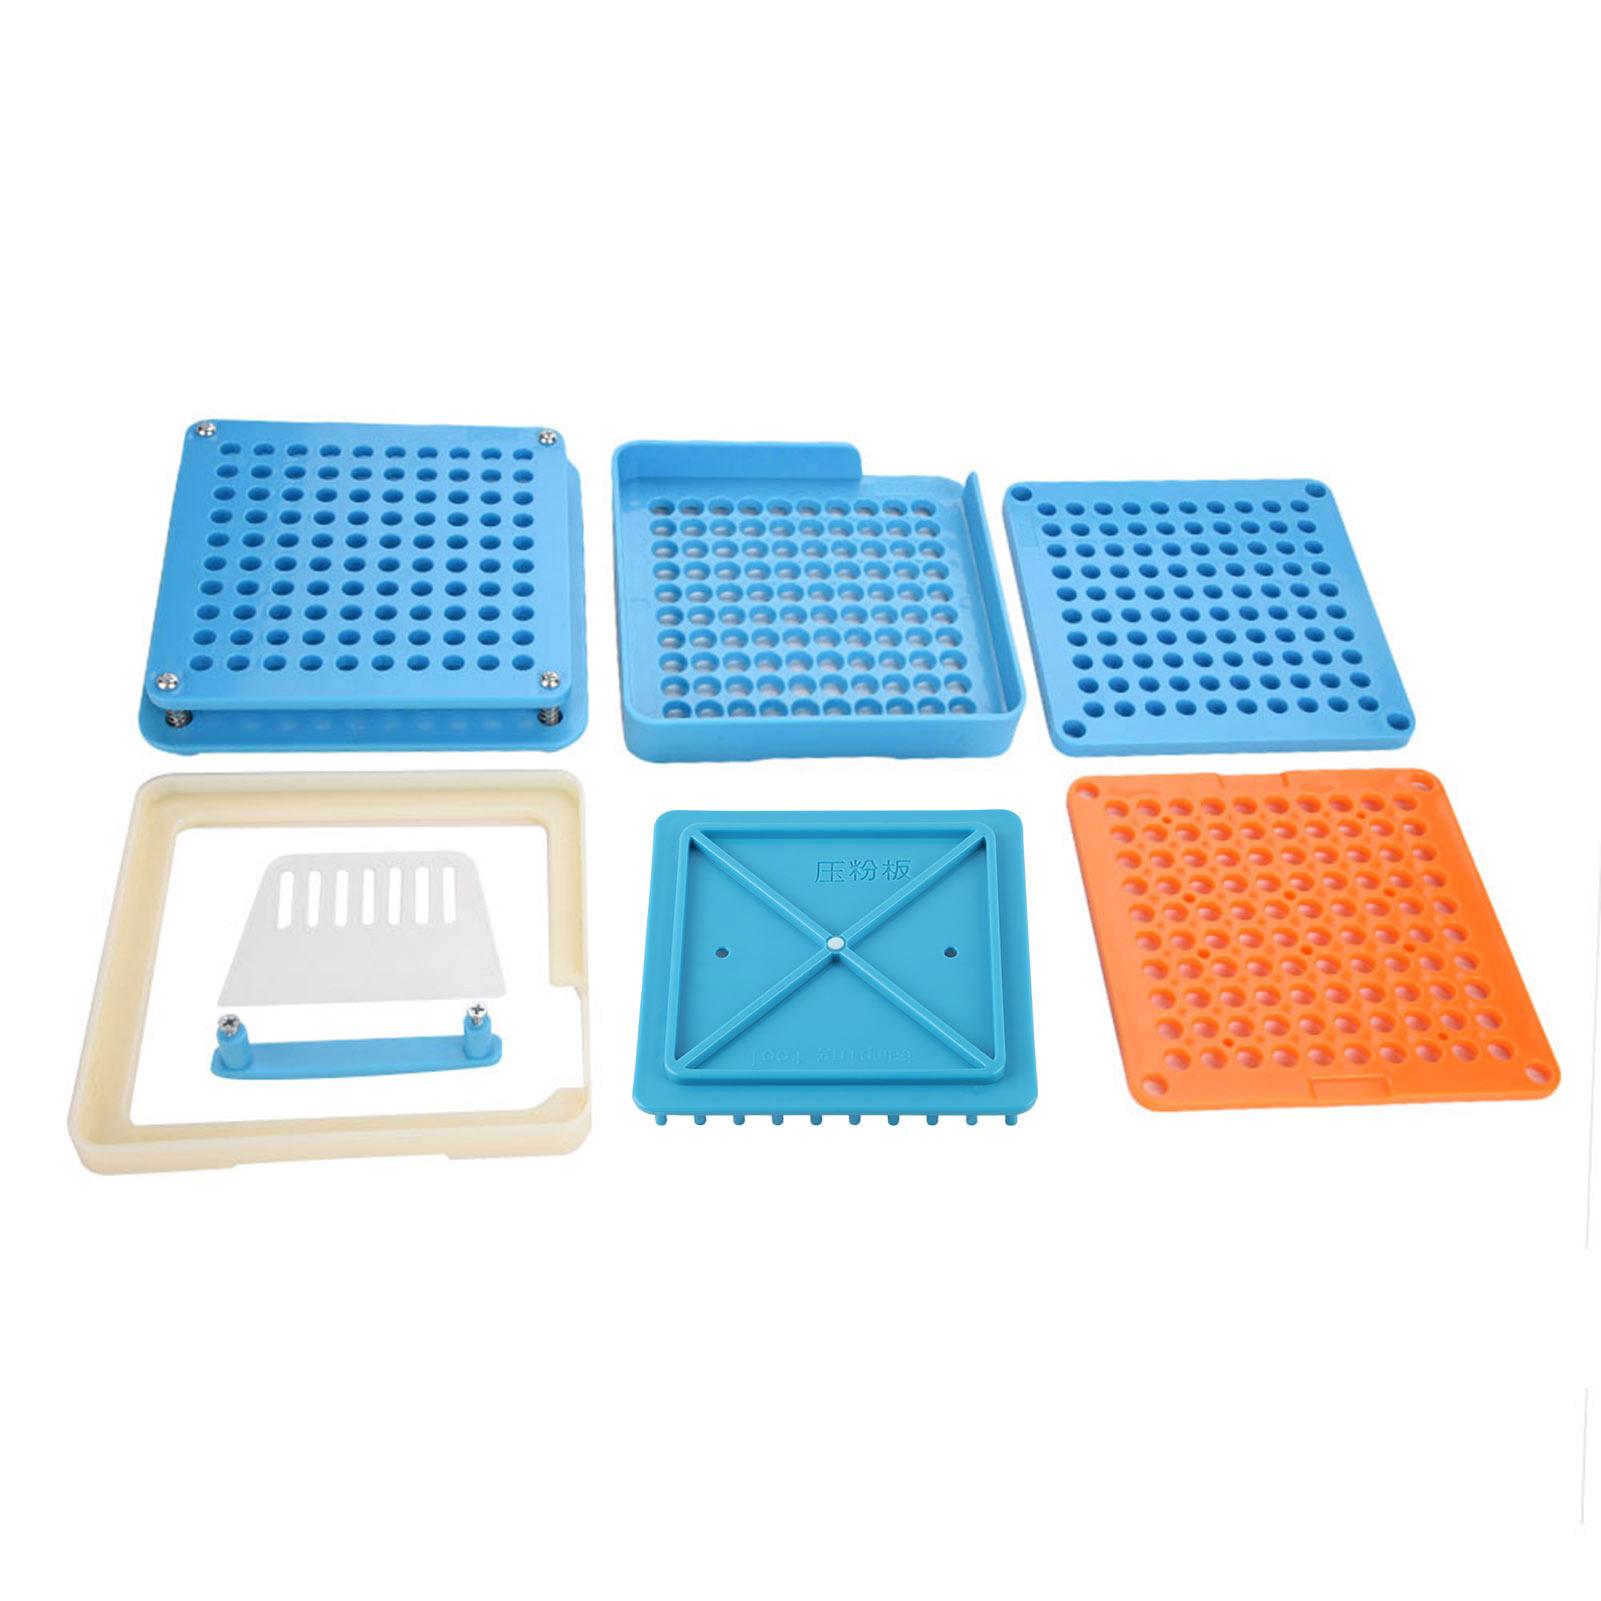 100-Holes-Capsule-Filler-00-Capsule-Filling-Machine-Flate-Tool-Food-Grade-HB